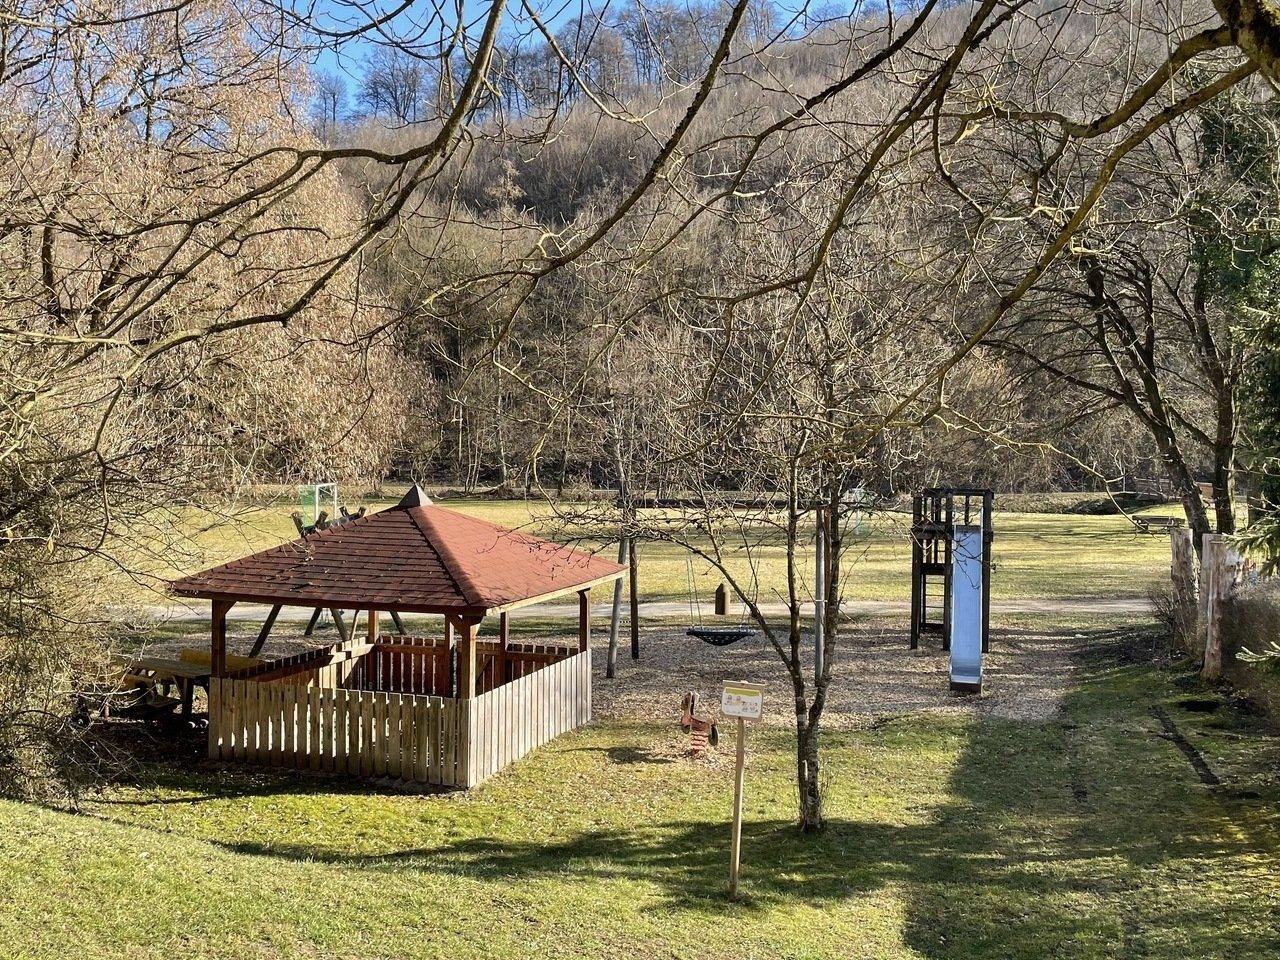 Ein Spielplatz, auf der linken Seite ein Holzunterstand auf der rechten Seite eine blaue Rutsche